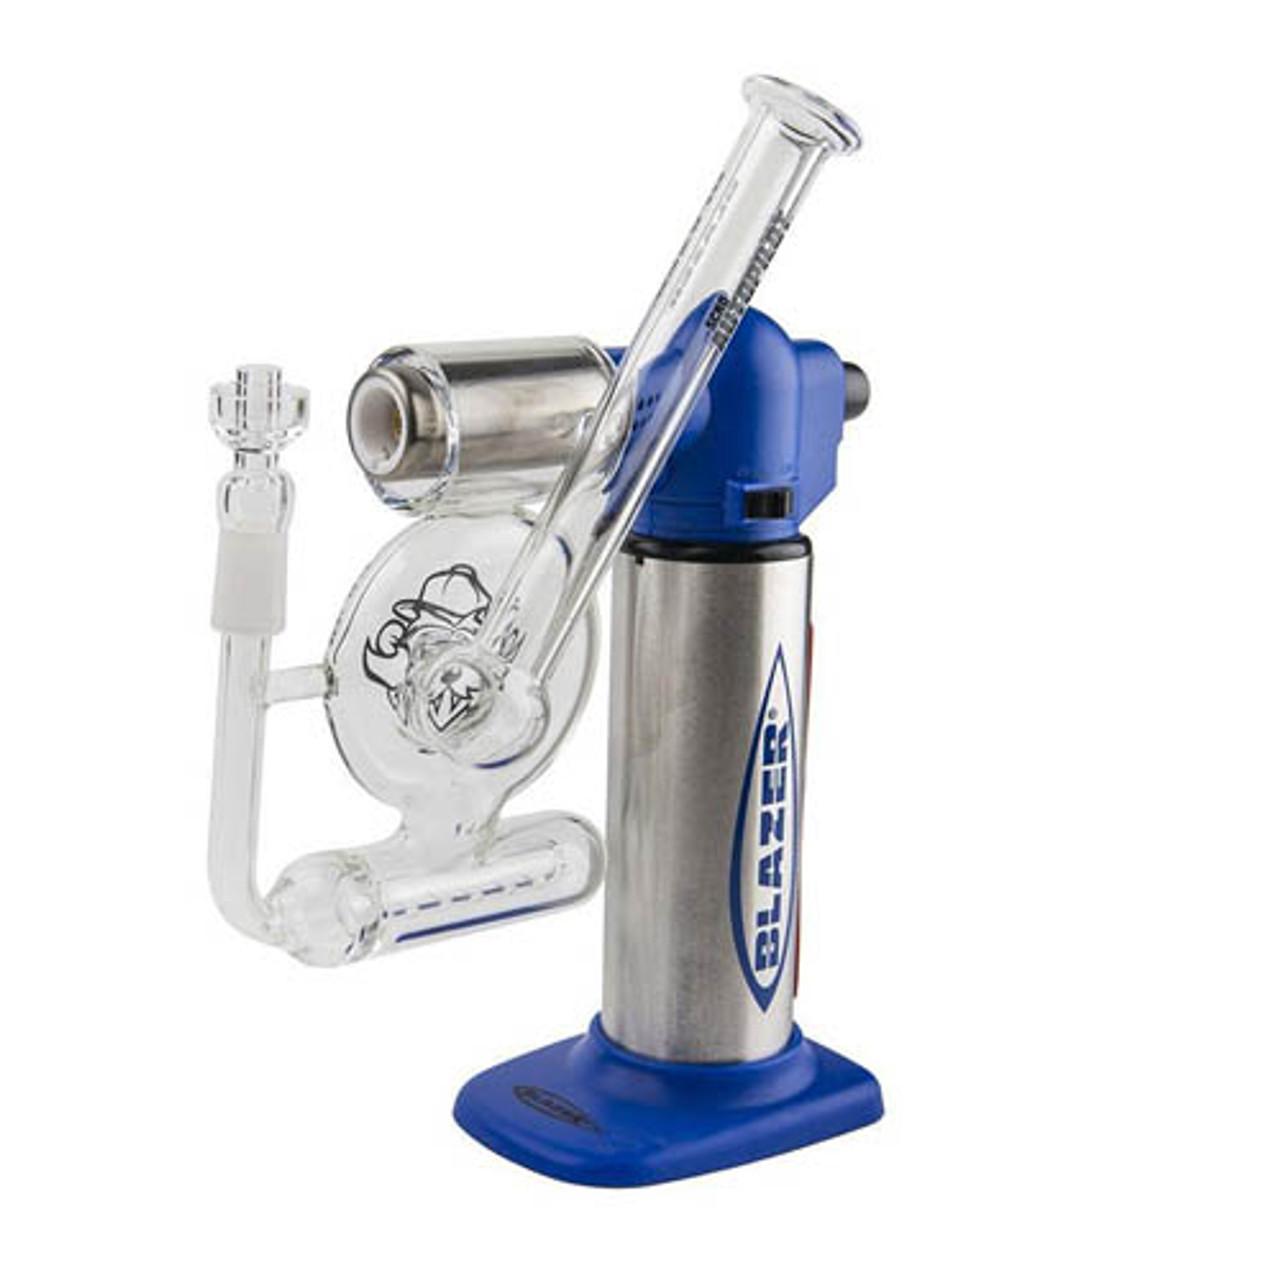 Blazer AutoPilot Glass Rig Attachment by SCRO